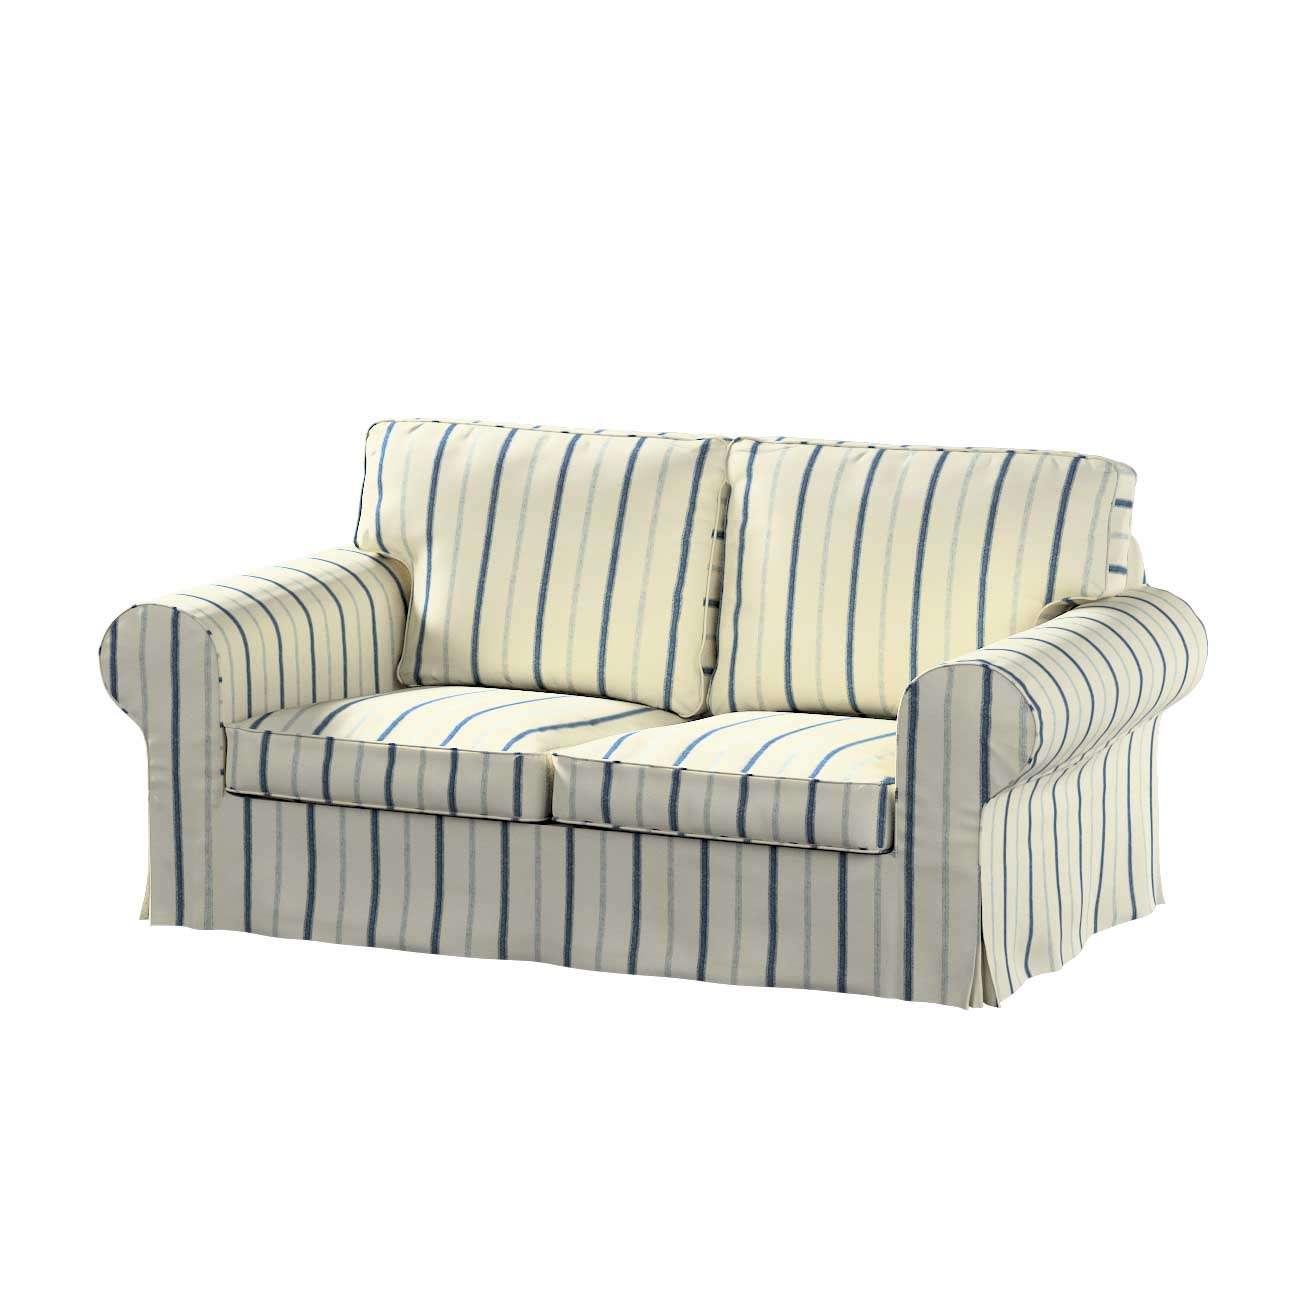 Pokrowiec na sofę Ektorp 2-osobową rozkładaną, model po 2012 w kolekcji Avinon, tkanina: 129-66